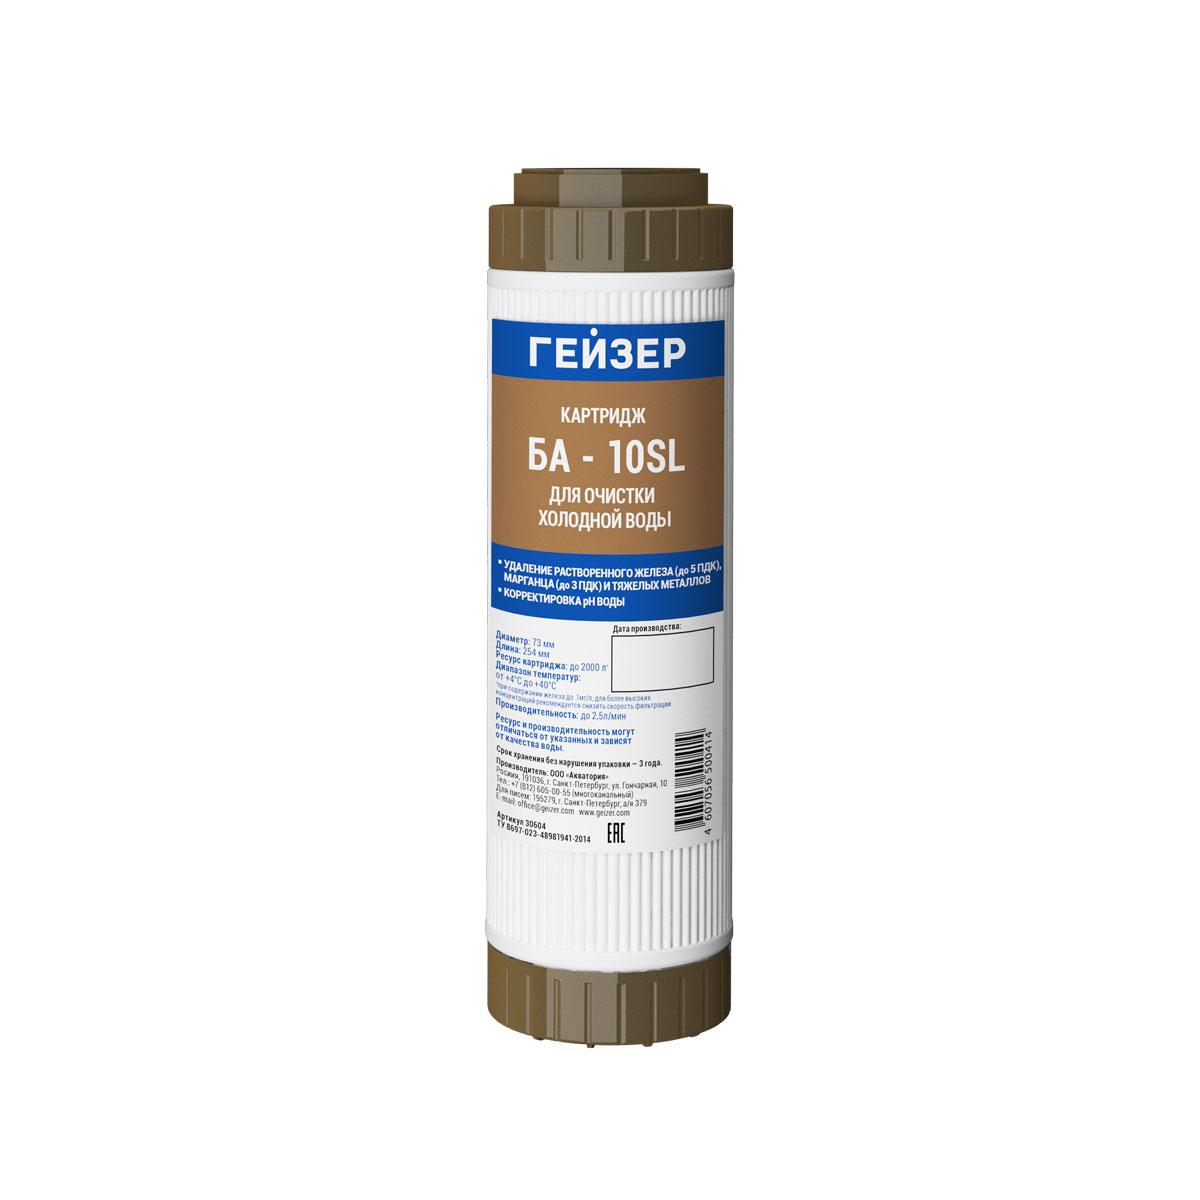 Картридж Гейзер БА с кальцитом. Размер 10SL30604Картридж Гейзер БА. Используется для эффективного удаления избыточного растворенного железа (до 1 мг/л) и соединений других металлов методом каталитического окисления. Фильтрующая загрузка – природный материал Кальцит. Используется в системах Гейзер: - 3 К Люкс; - Био 341; - Ультра Био 441. Так же совместим с другими трехступенчатыми системами Гейзер и системами других производителей стандарт 10SL (Slim Line). Ресурс 2000 литров.